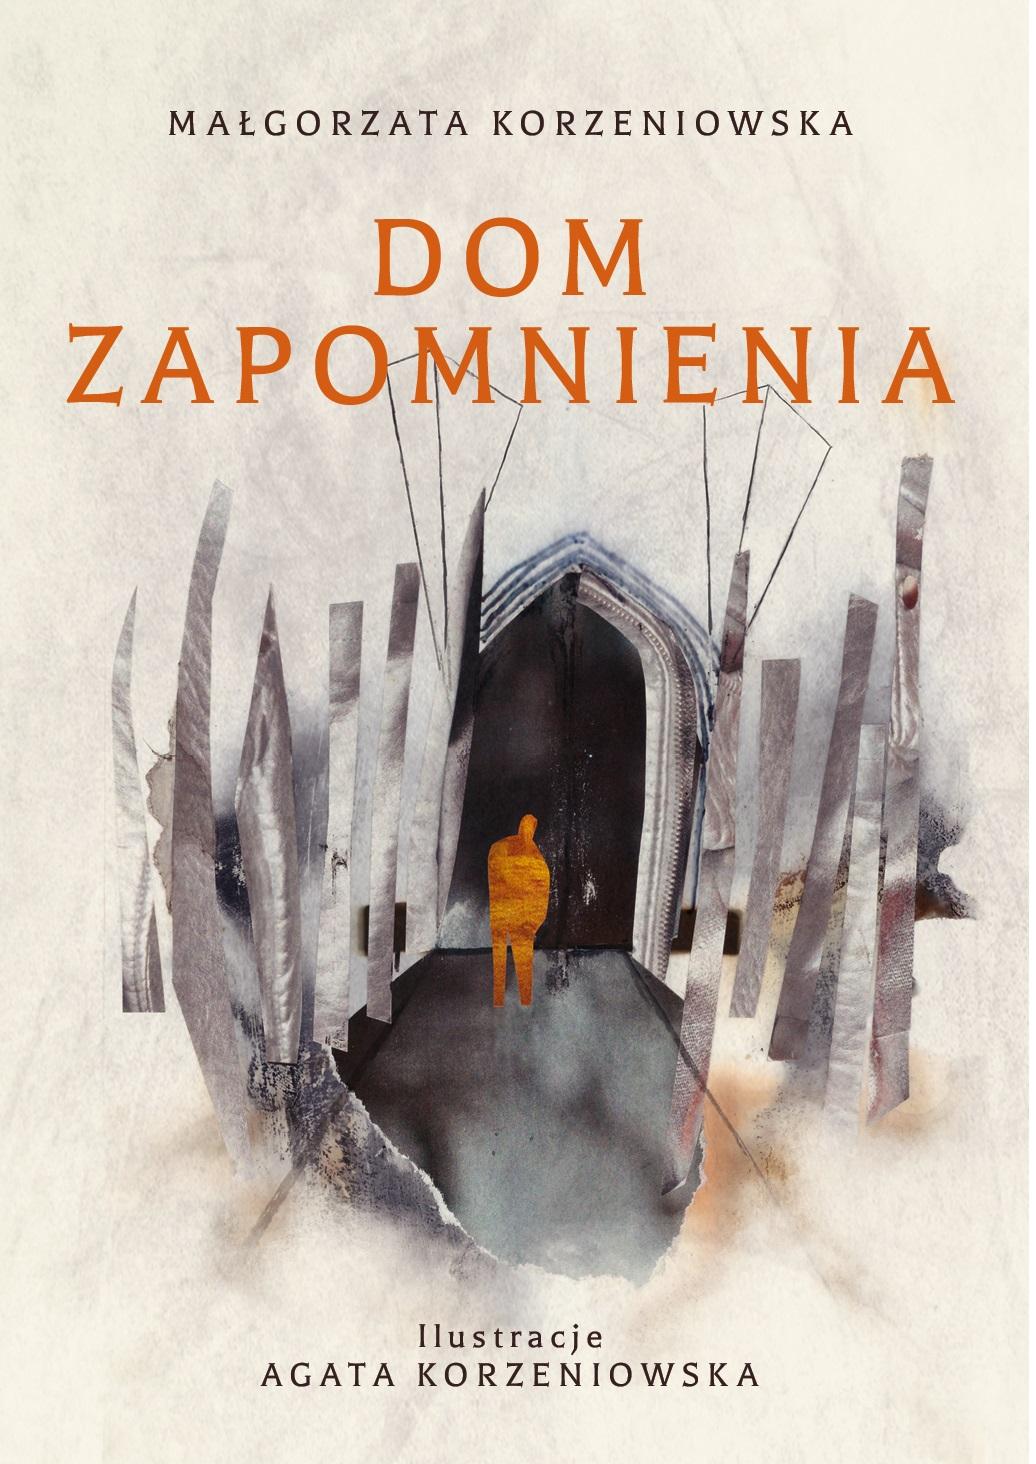 """Małgorzata Korzeniowska """"Dom zapomnienia"""" il. Agata Korzeniowska"""